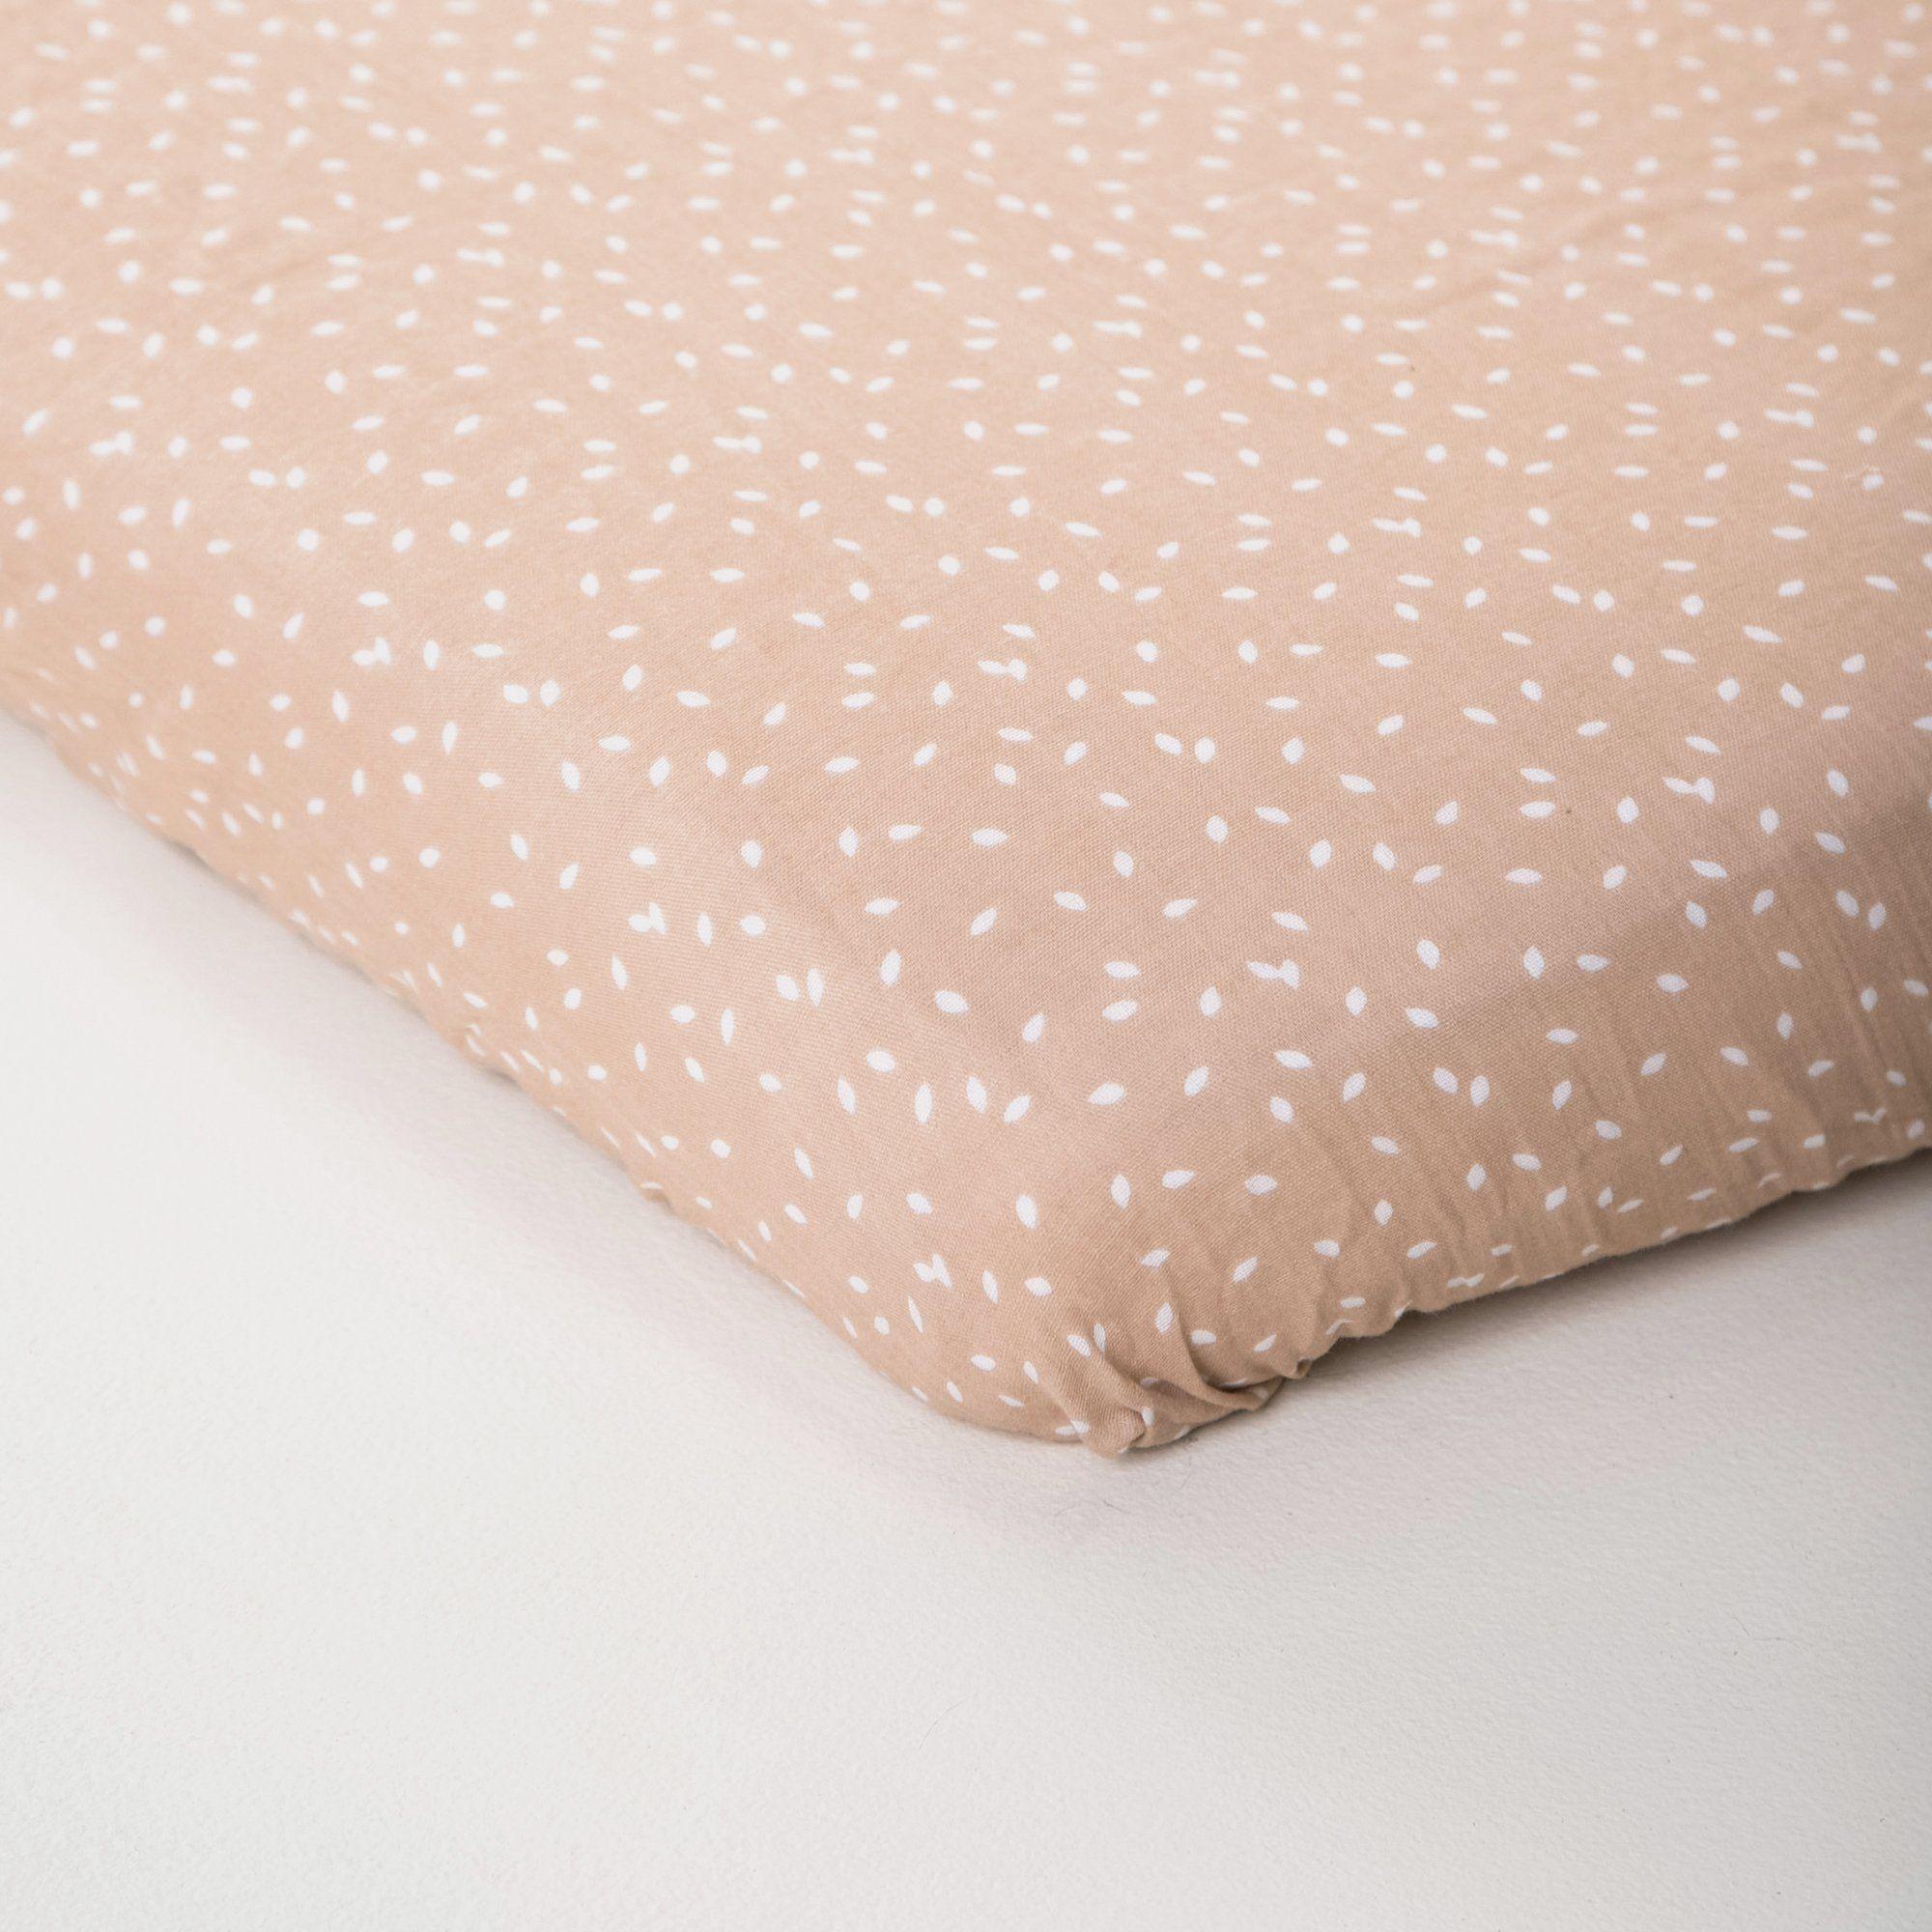 Organic Crib Sheet Scatter Crib Sheets Cot Sheets Cribs